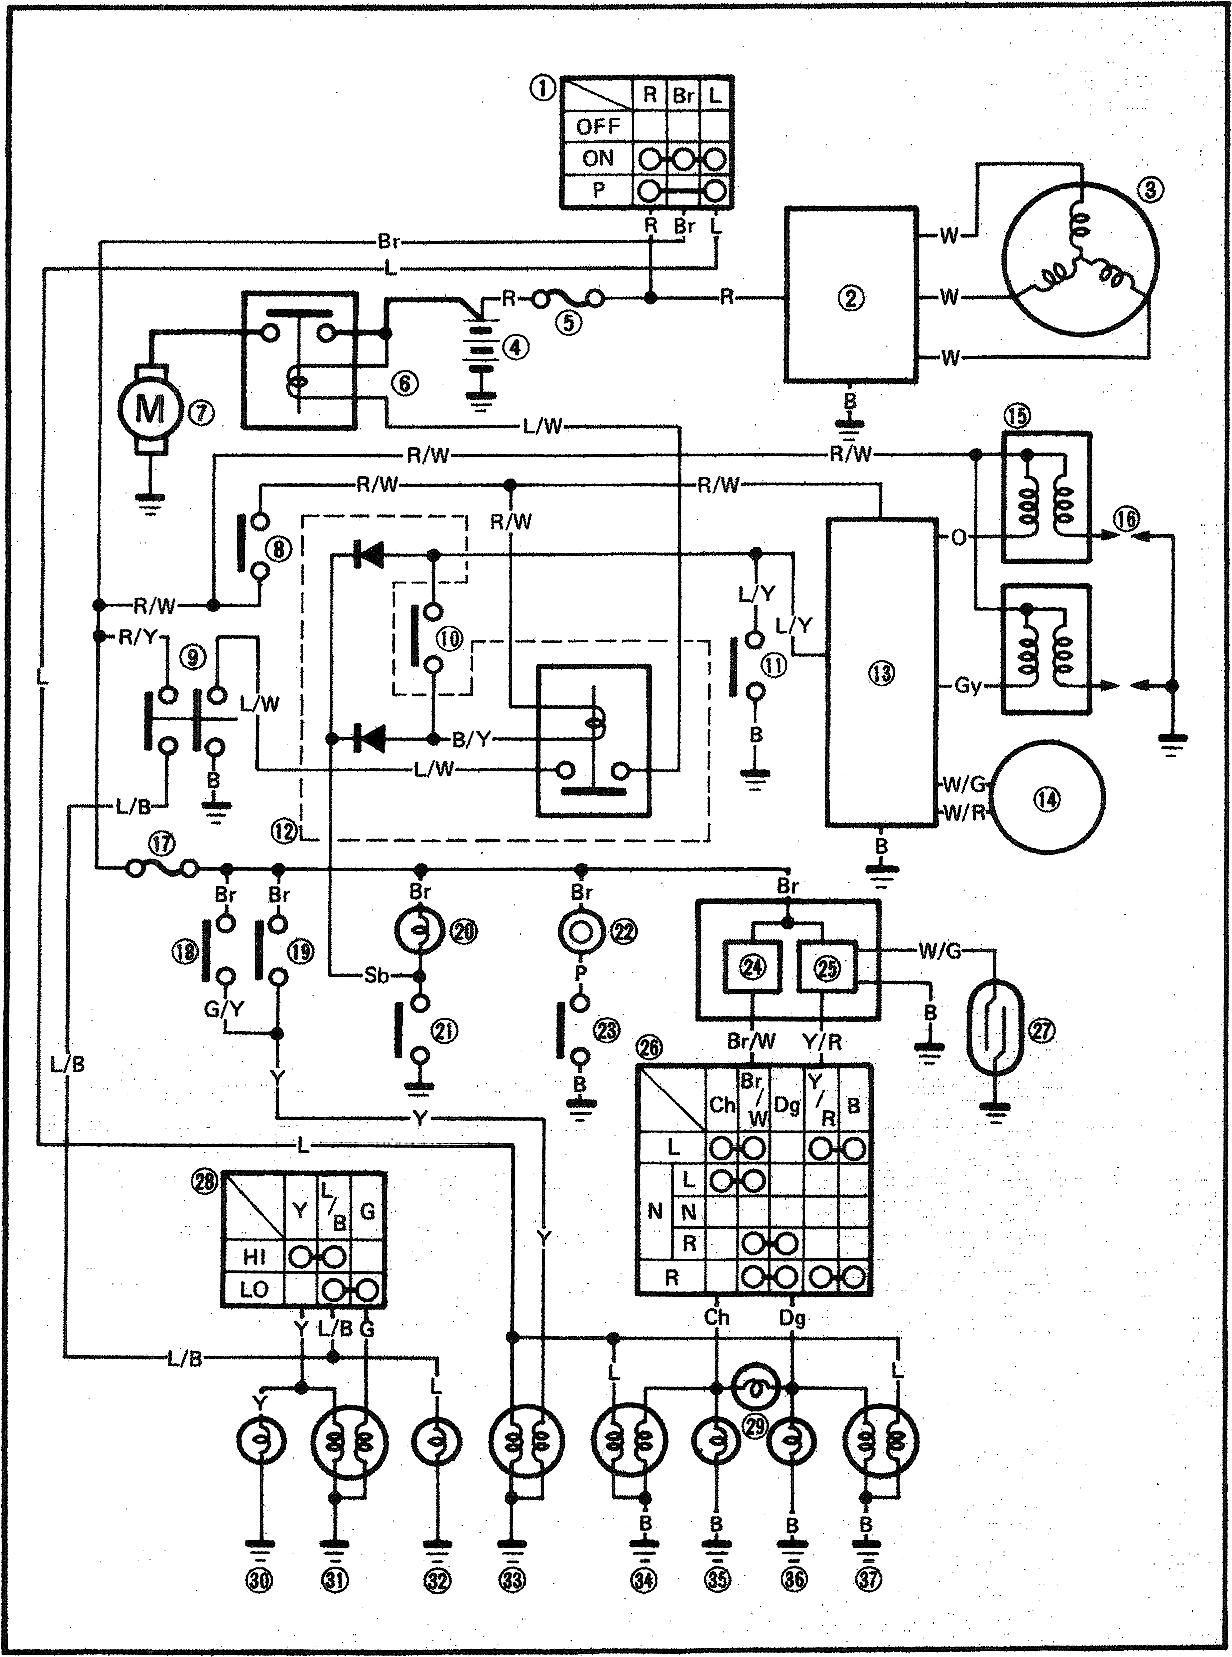 1996 Yamaha Virago 535 Wiring Diagram